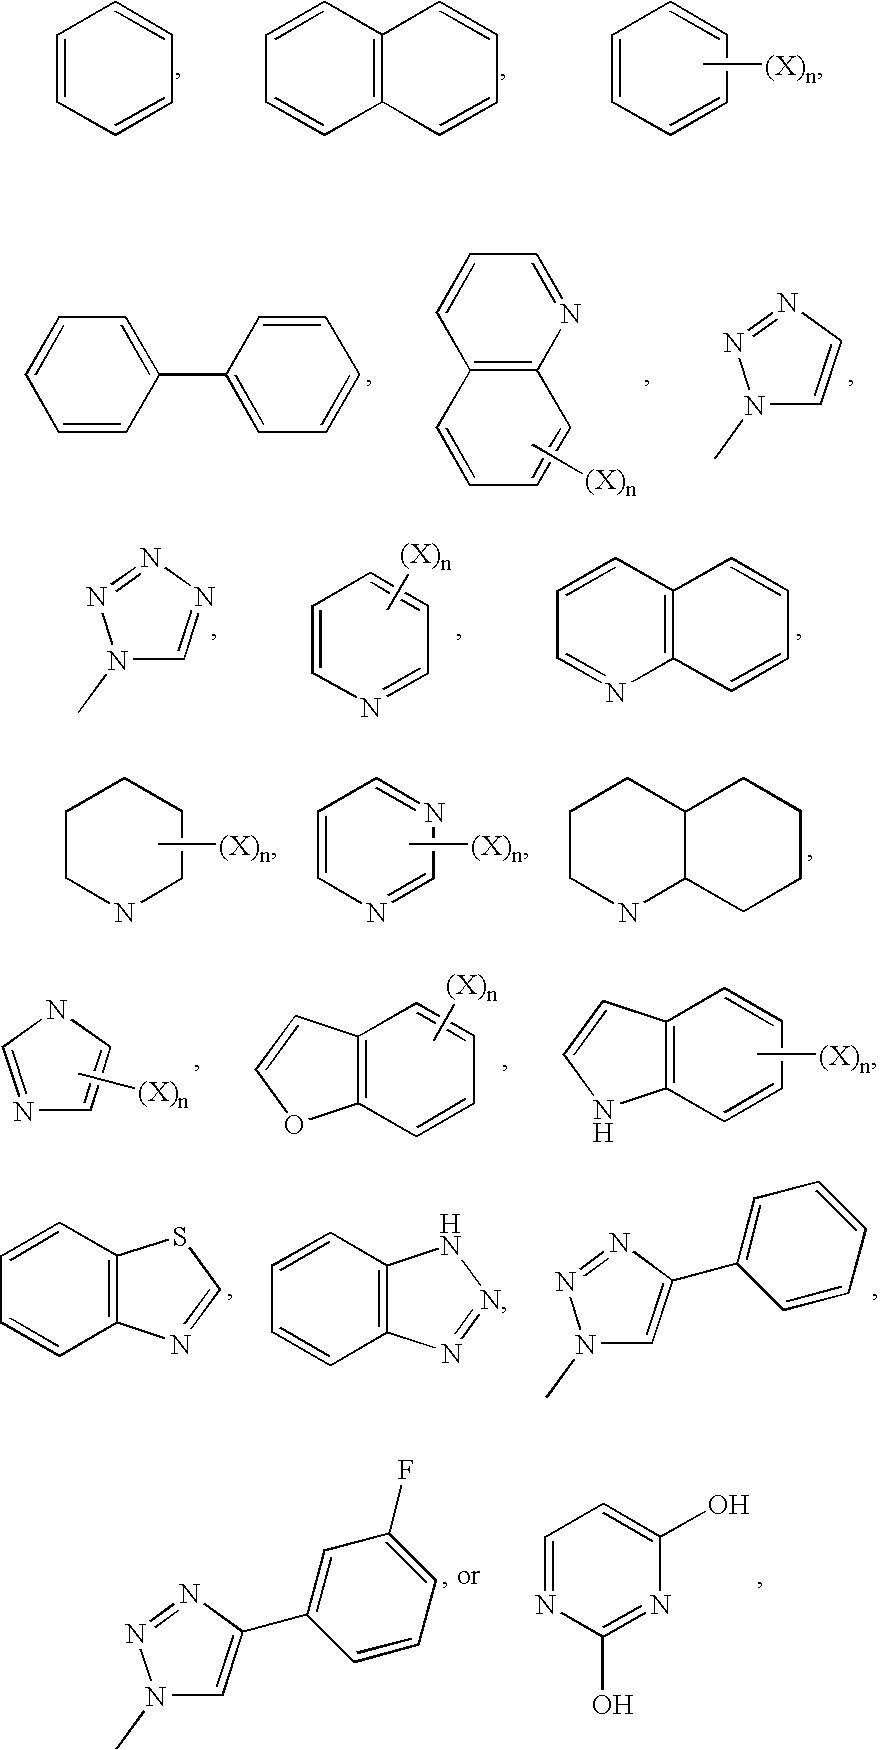 Figure US20070054870A1-20070308-C00023